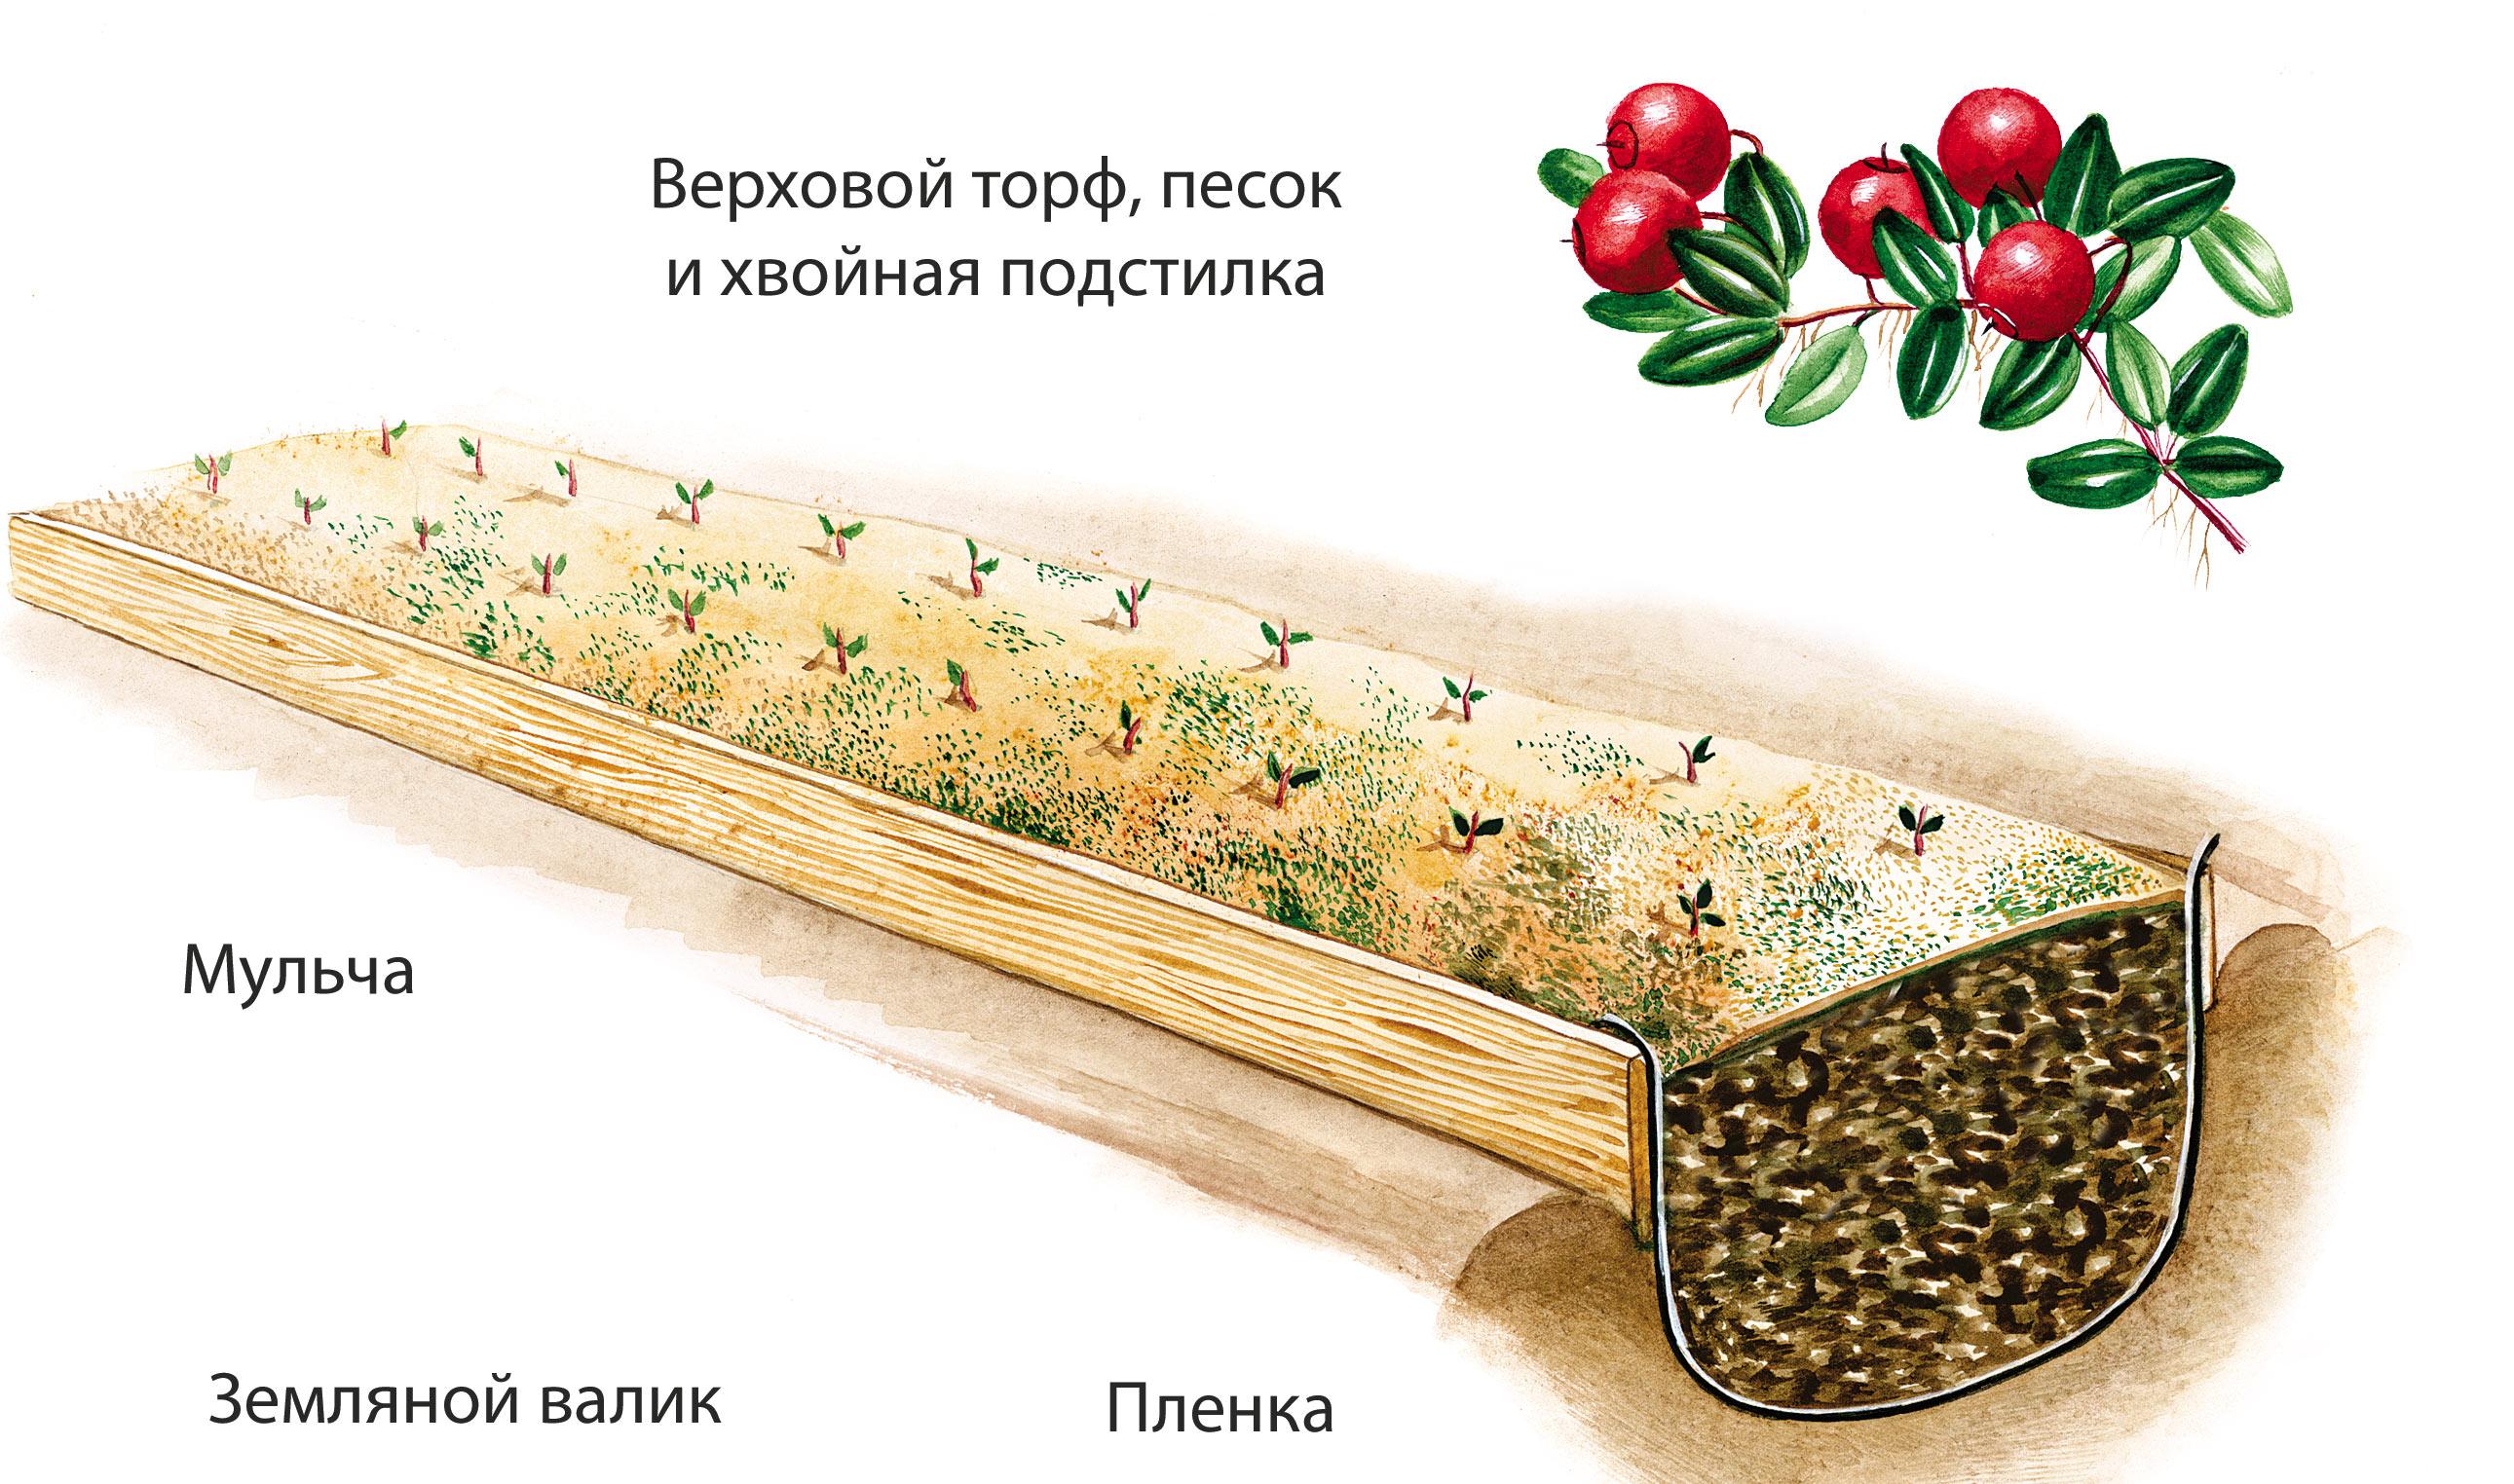 Клюква: сорта, выращивание и уход 75